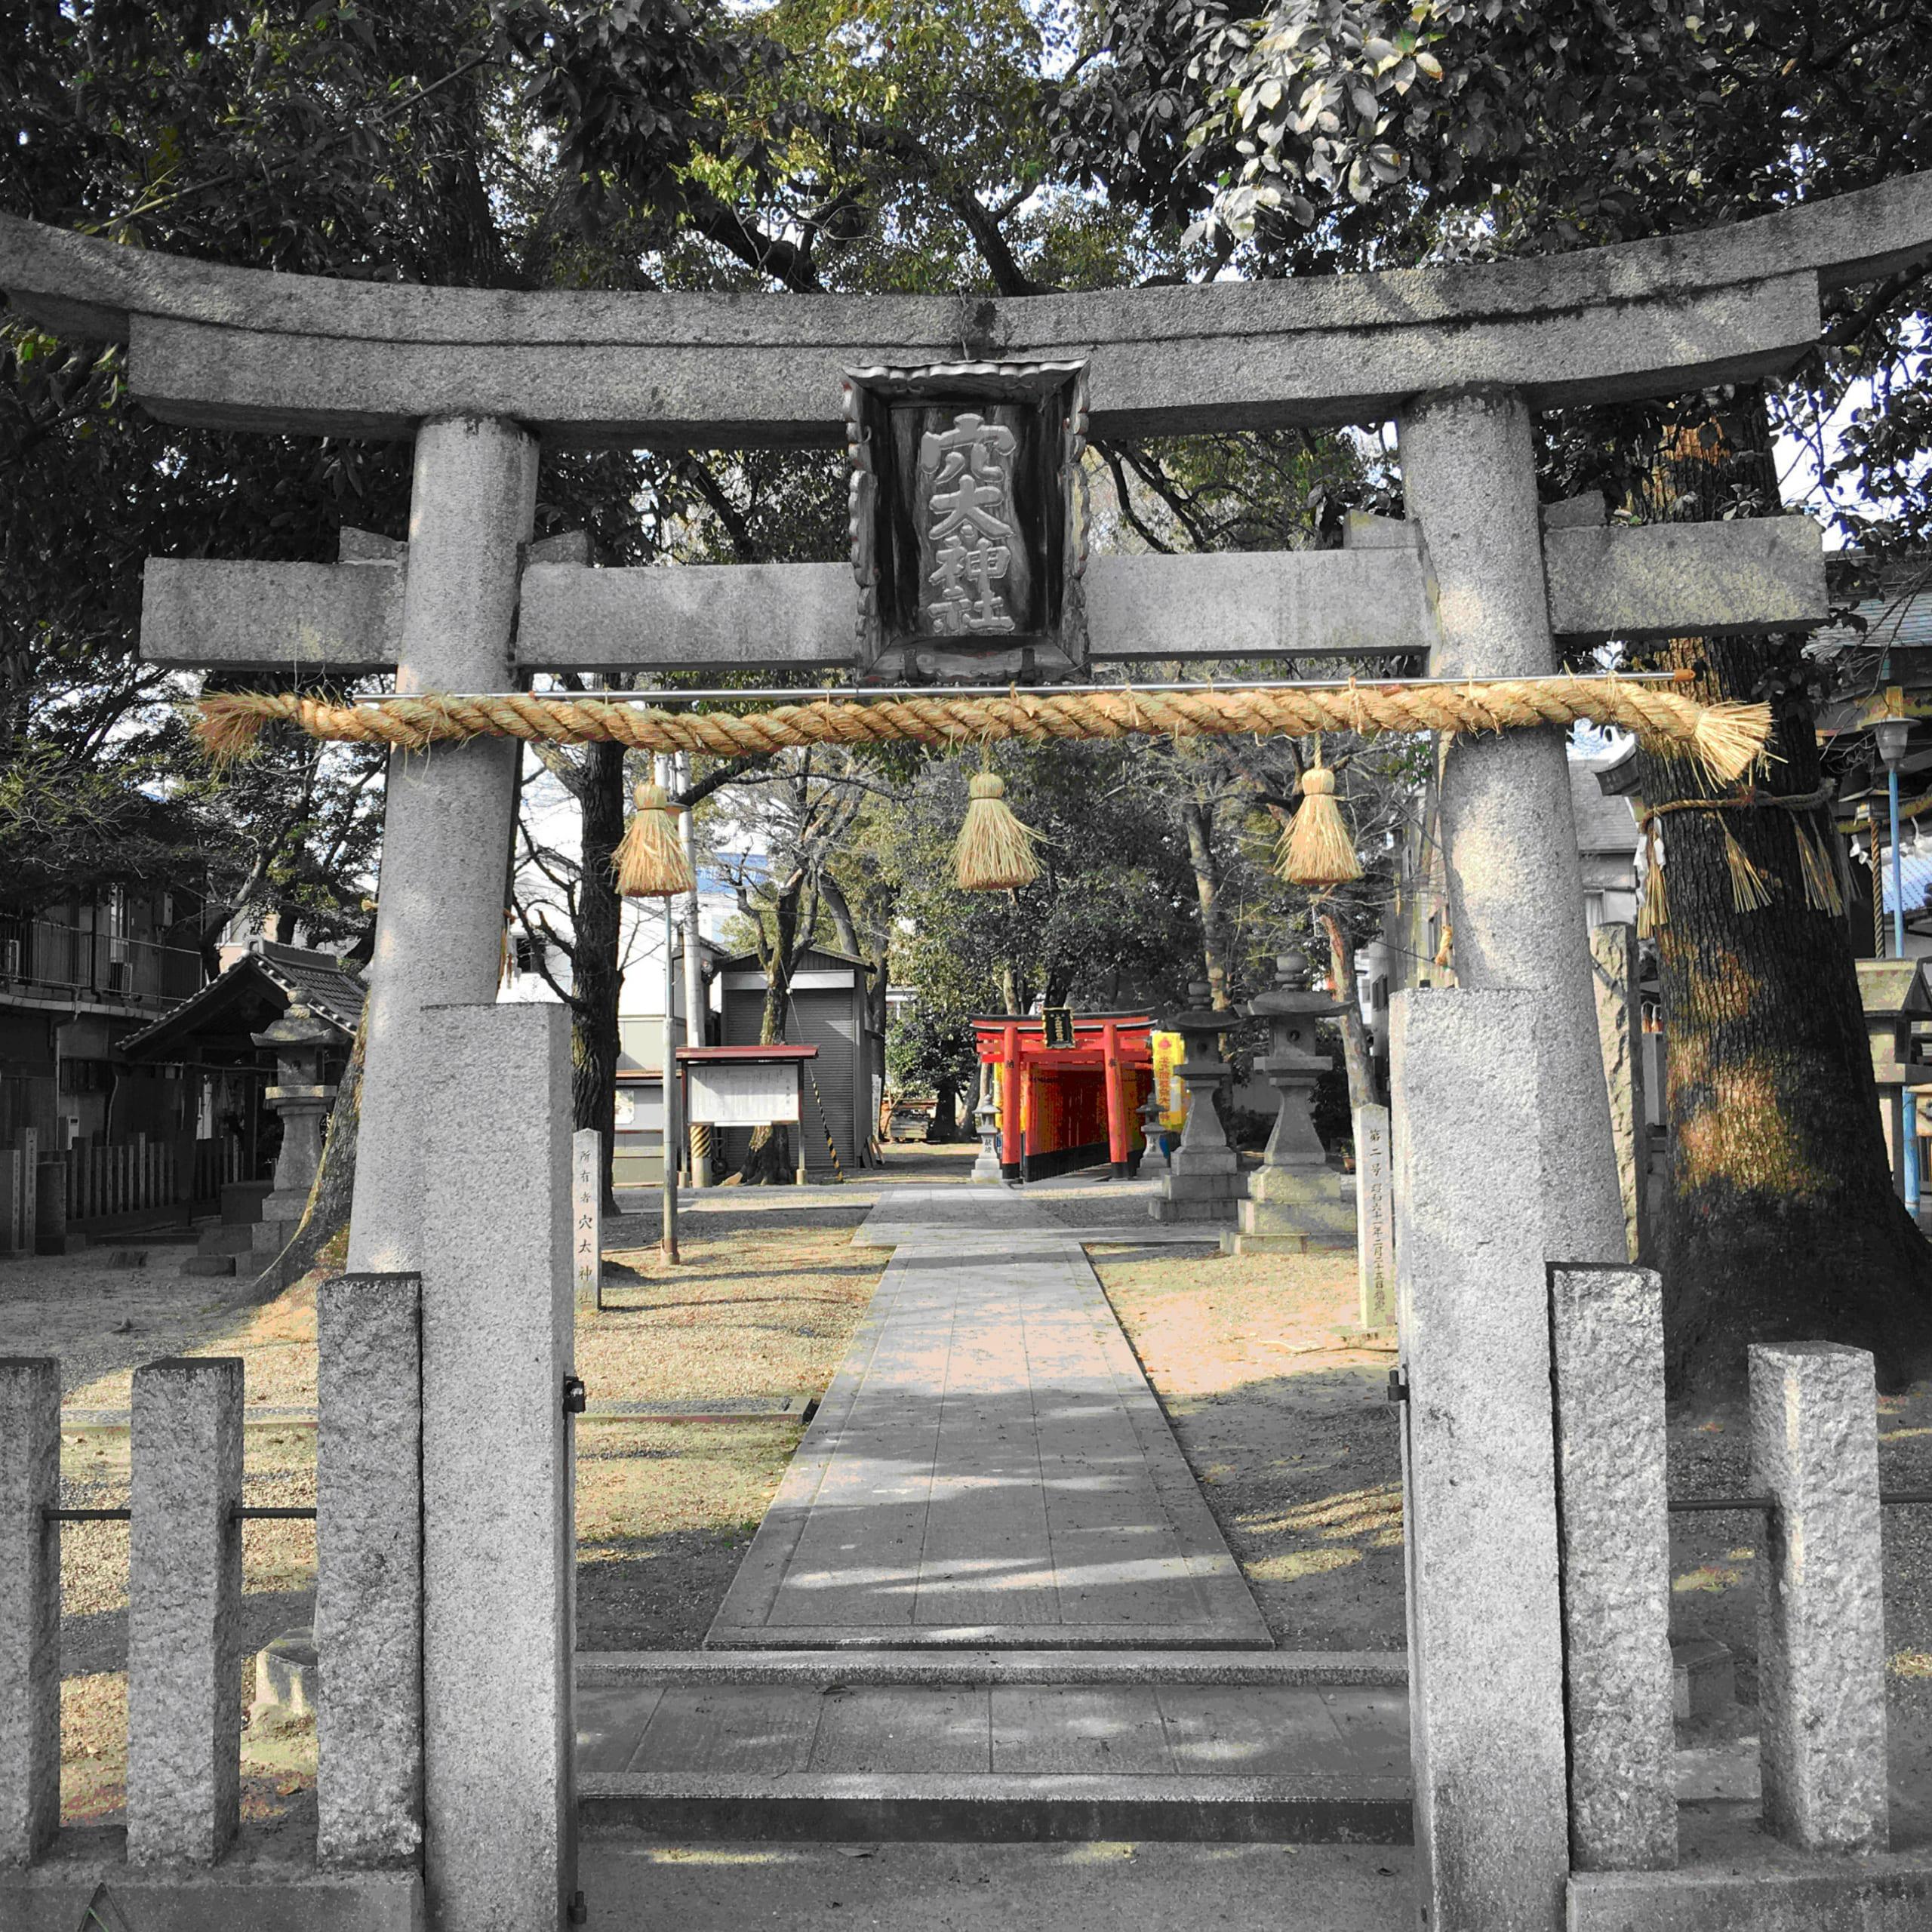 大阪夏の陣で藤堂高虎勢の侍大将が立ち寄った、穴太神社